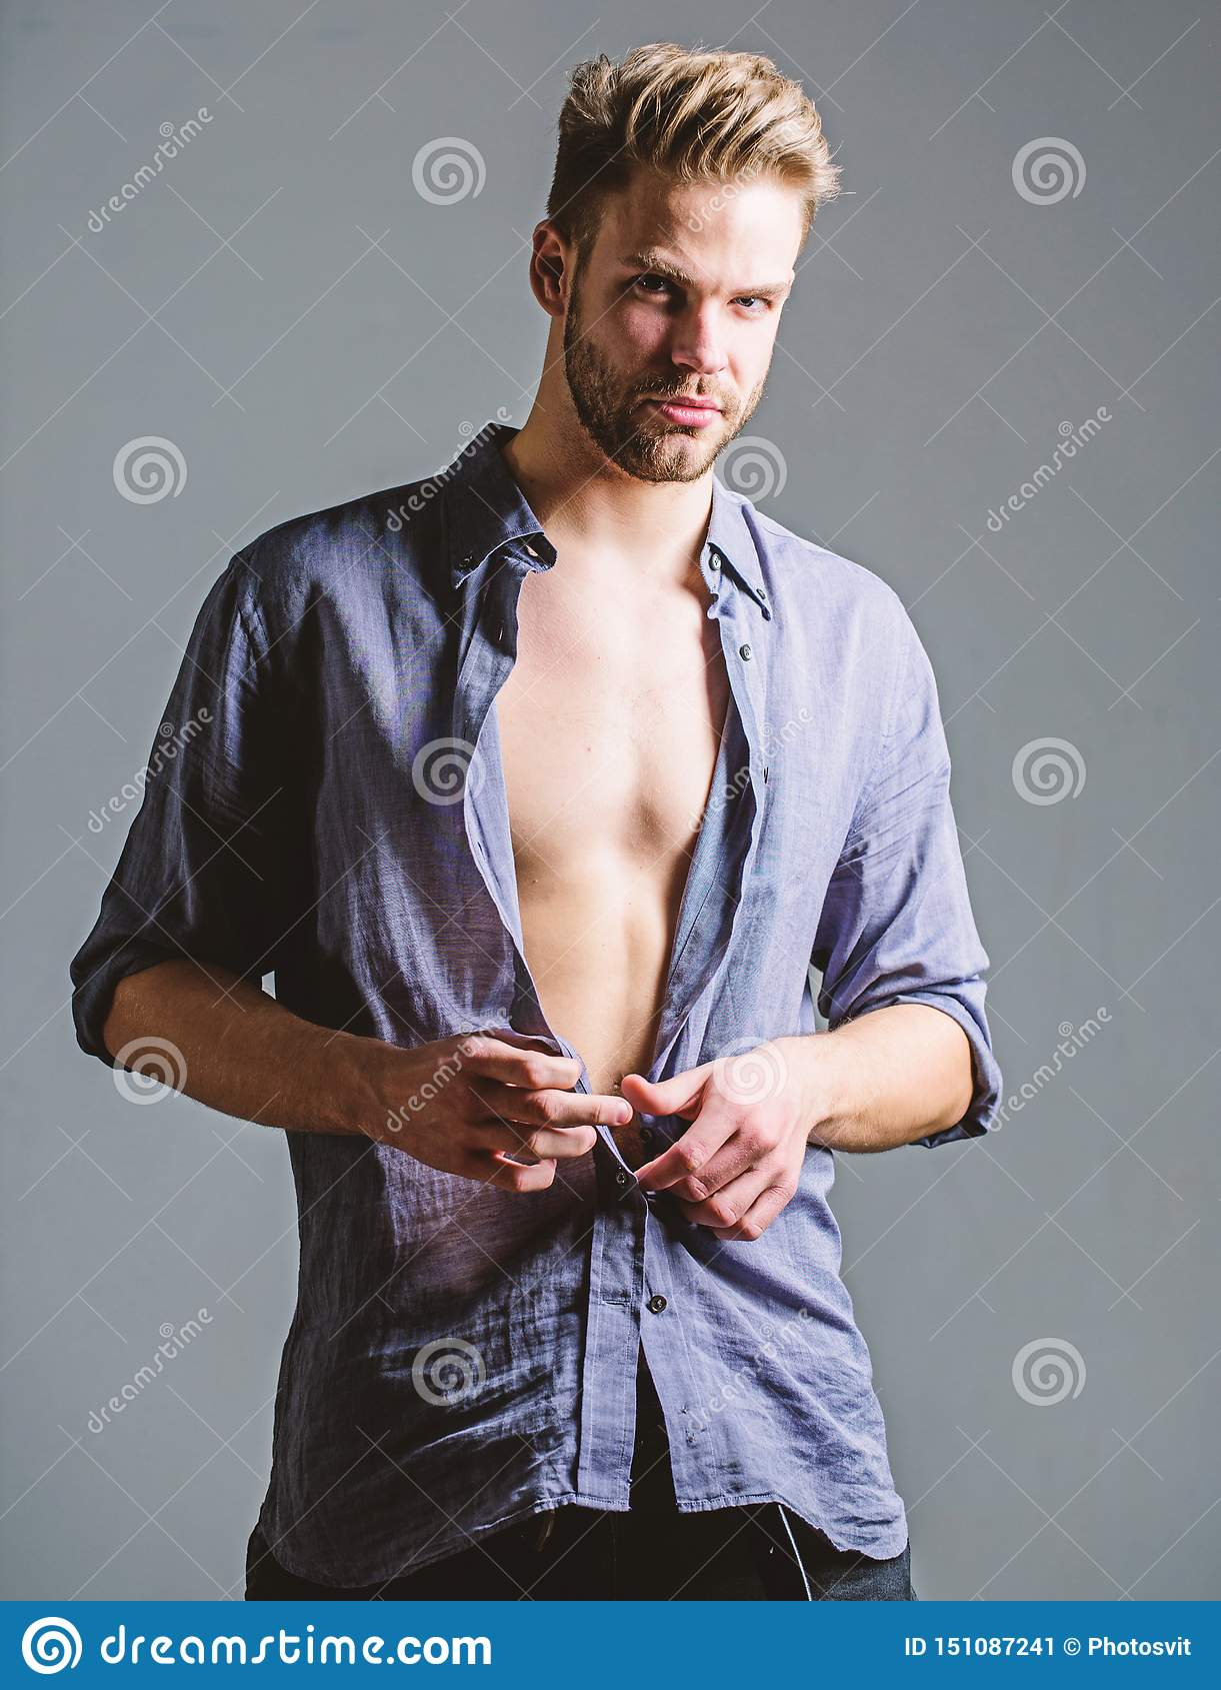 Uwodzicielski macho czuciowy seksowny Artystyczny seksowny cia?o Ufny i atrakcyjny Ogl?da ja Czas zmiana odziewa m??czyzna przyst